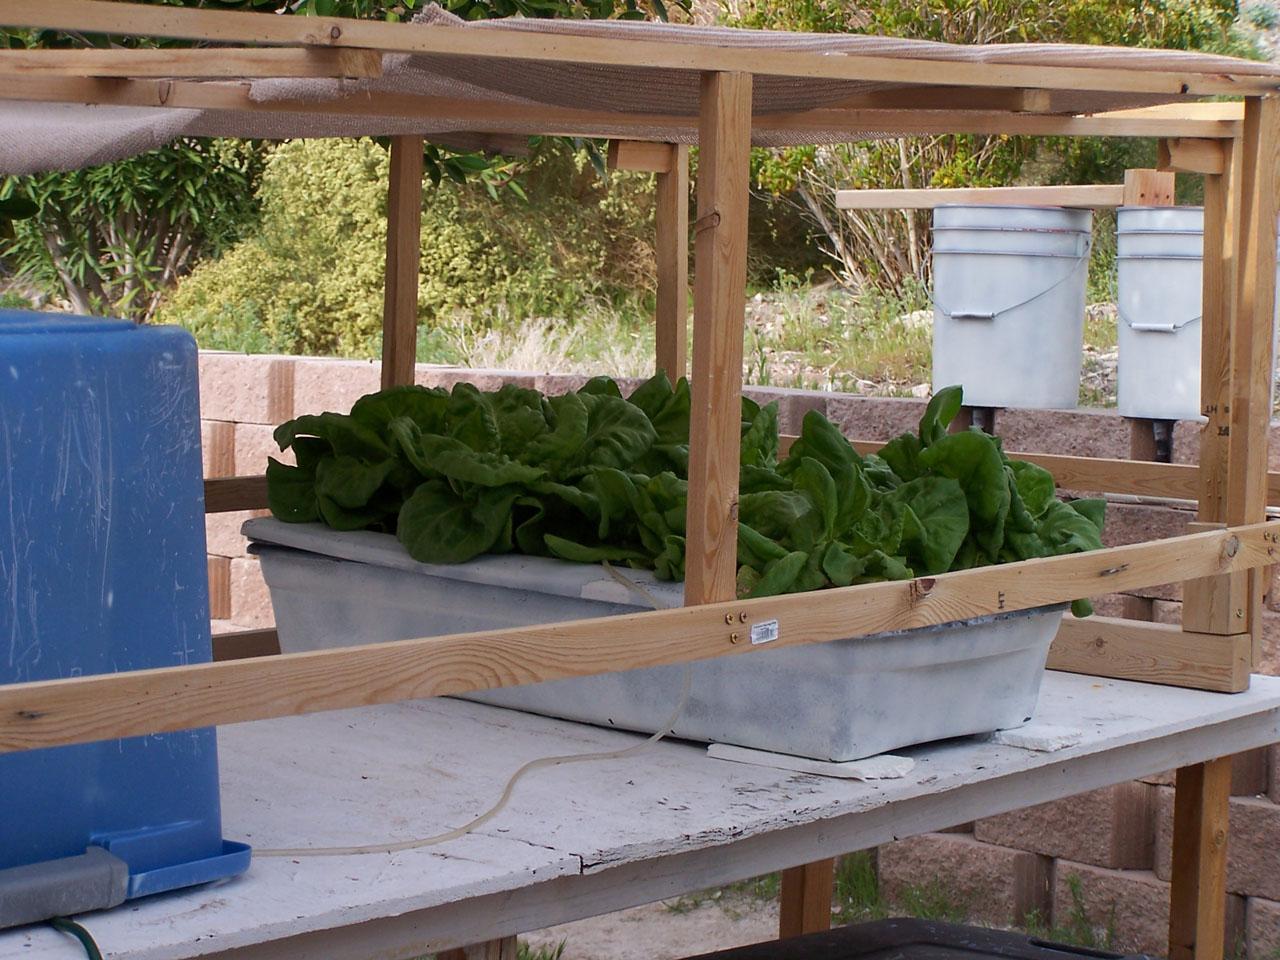 На подобной установке очень хорошо выращивать салаты.  Хотя впрочем, любое растение, хорошо переносящее большое...